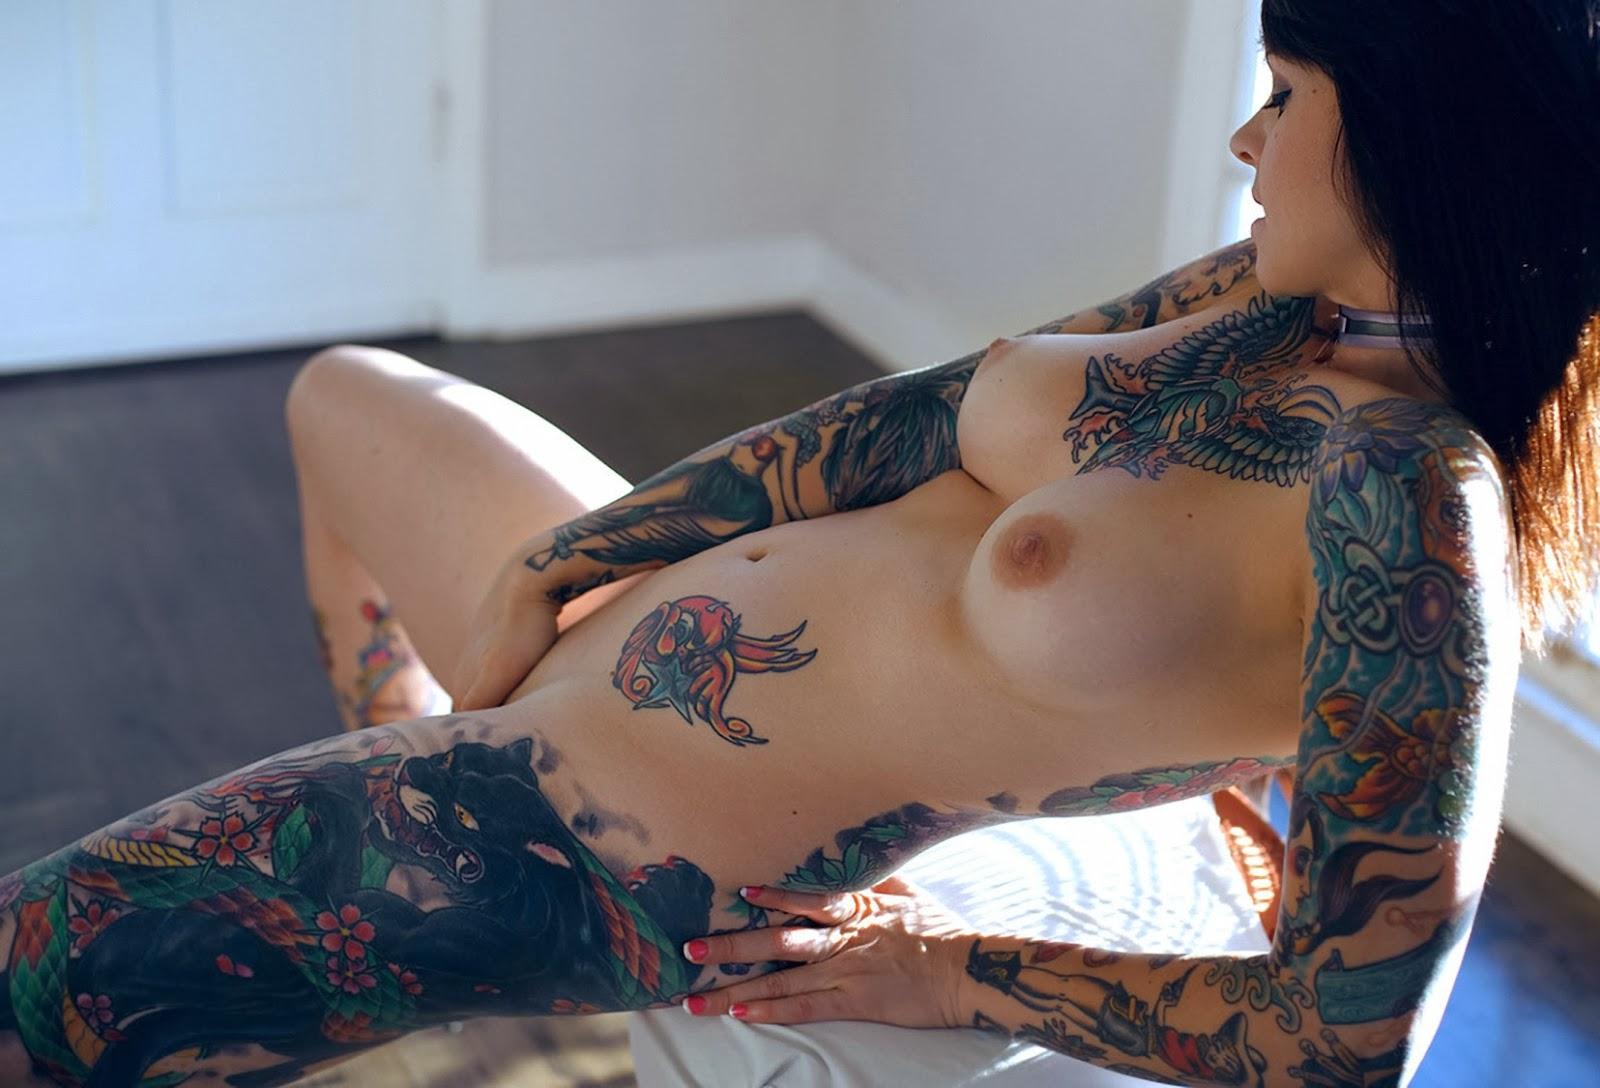 Татуировки на писе фото 20 фотография